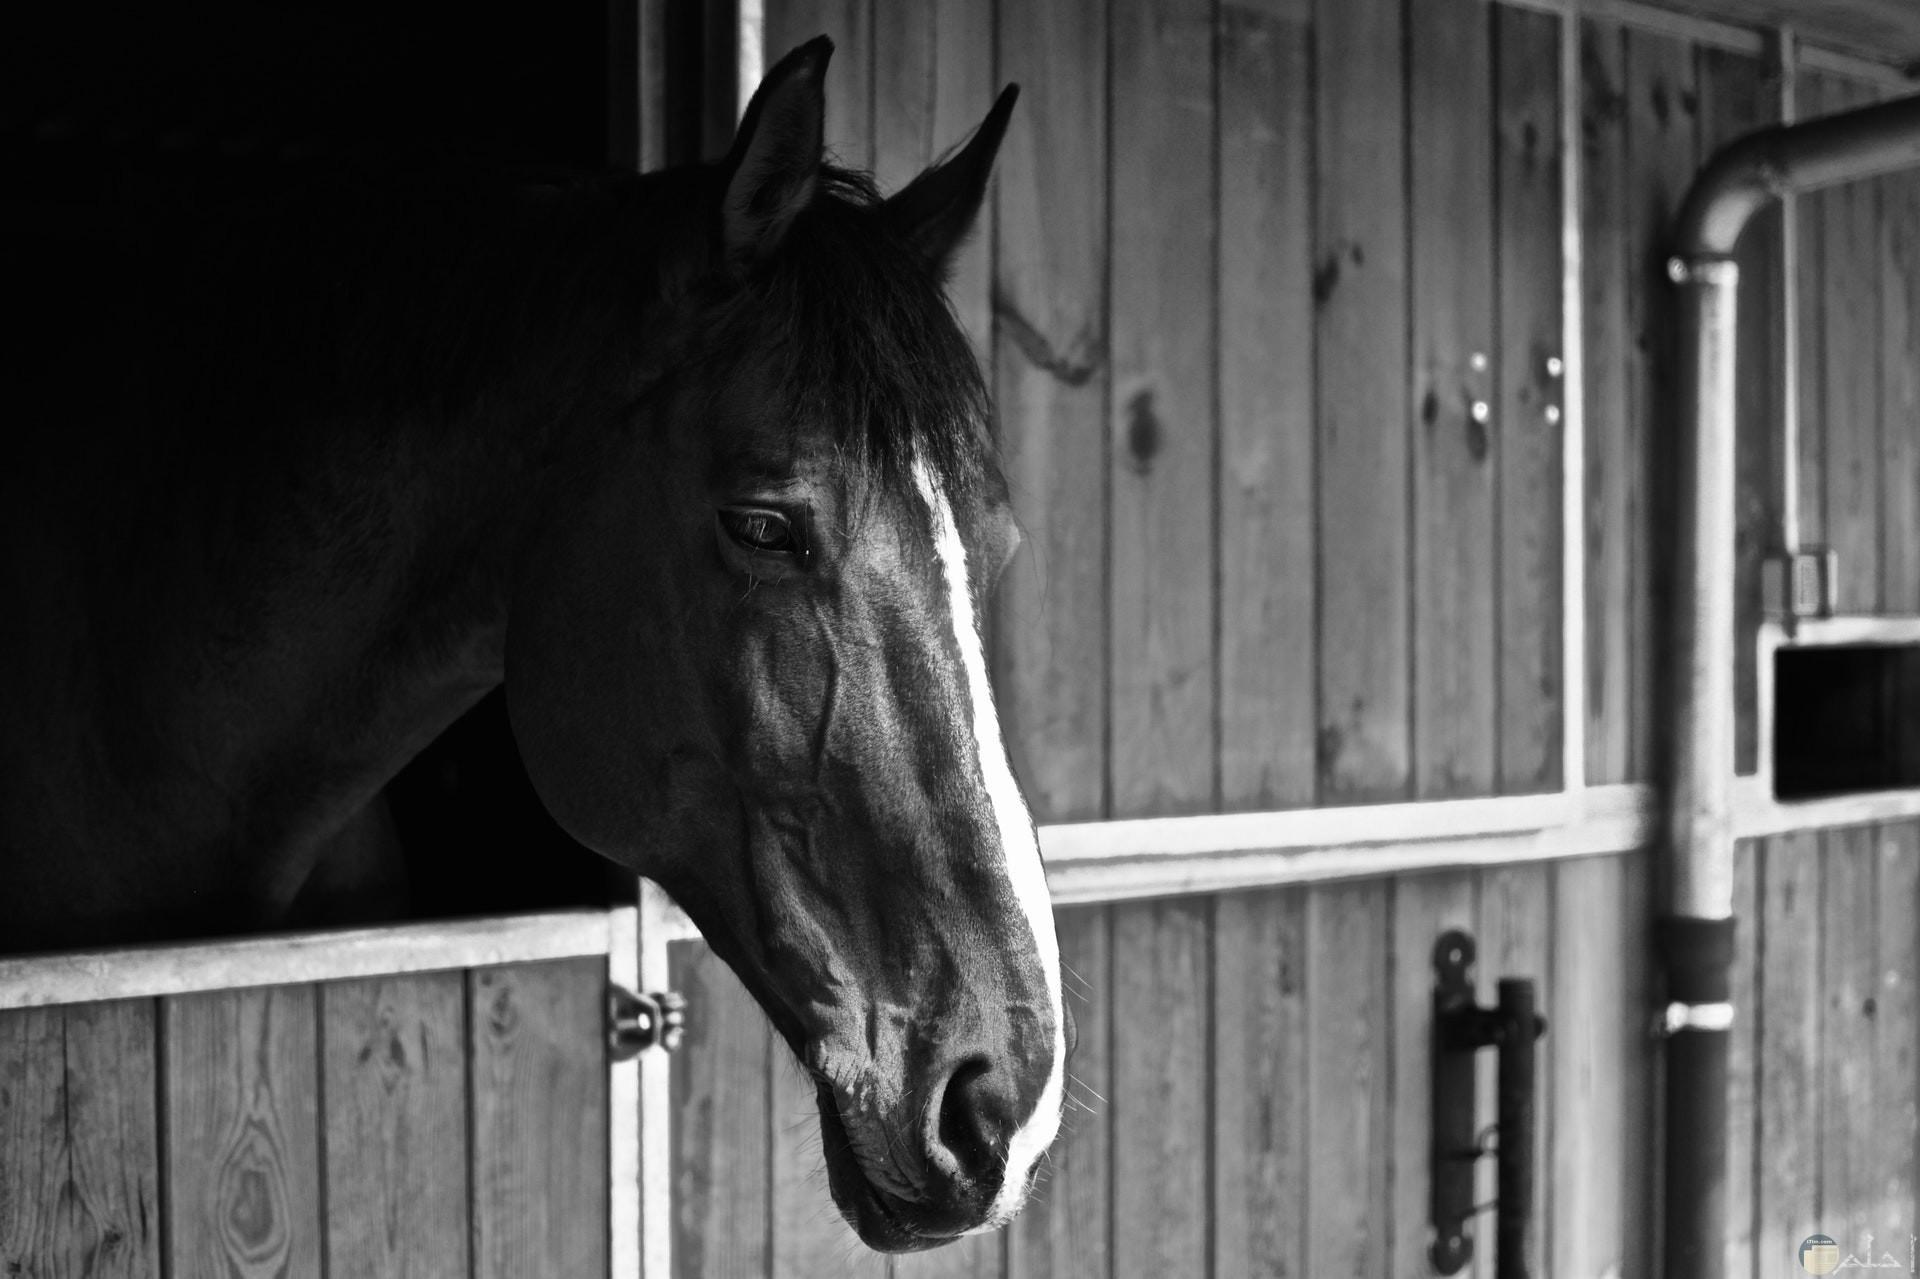 صورة جميلة ومميزة بالأبيض والأسود لحصان يبدو عليه الحزن